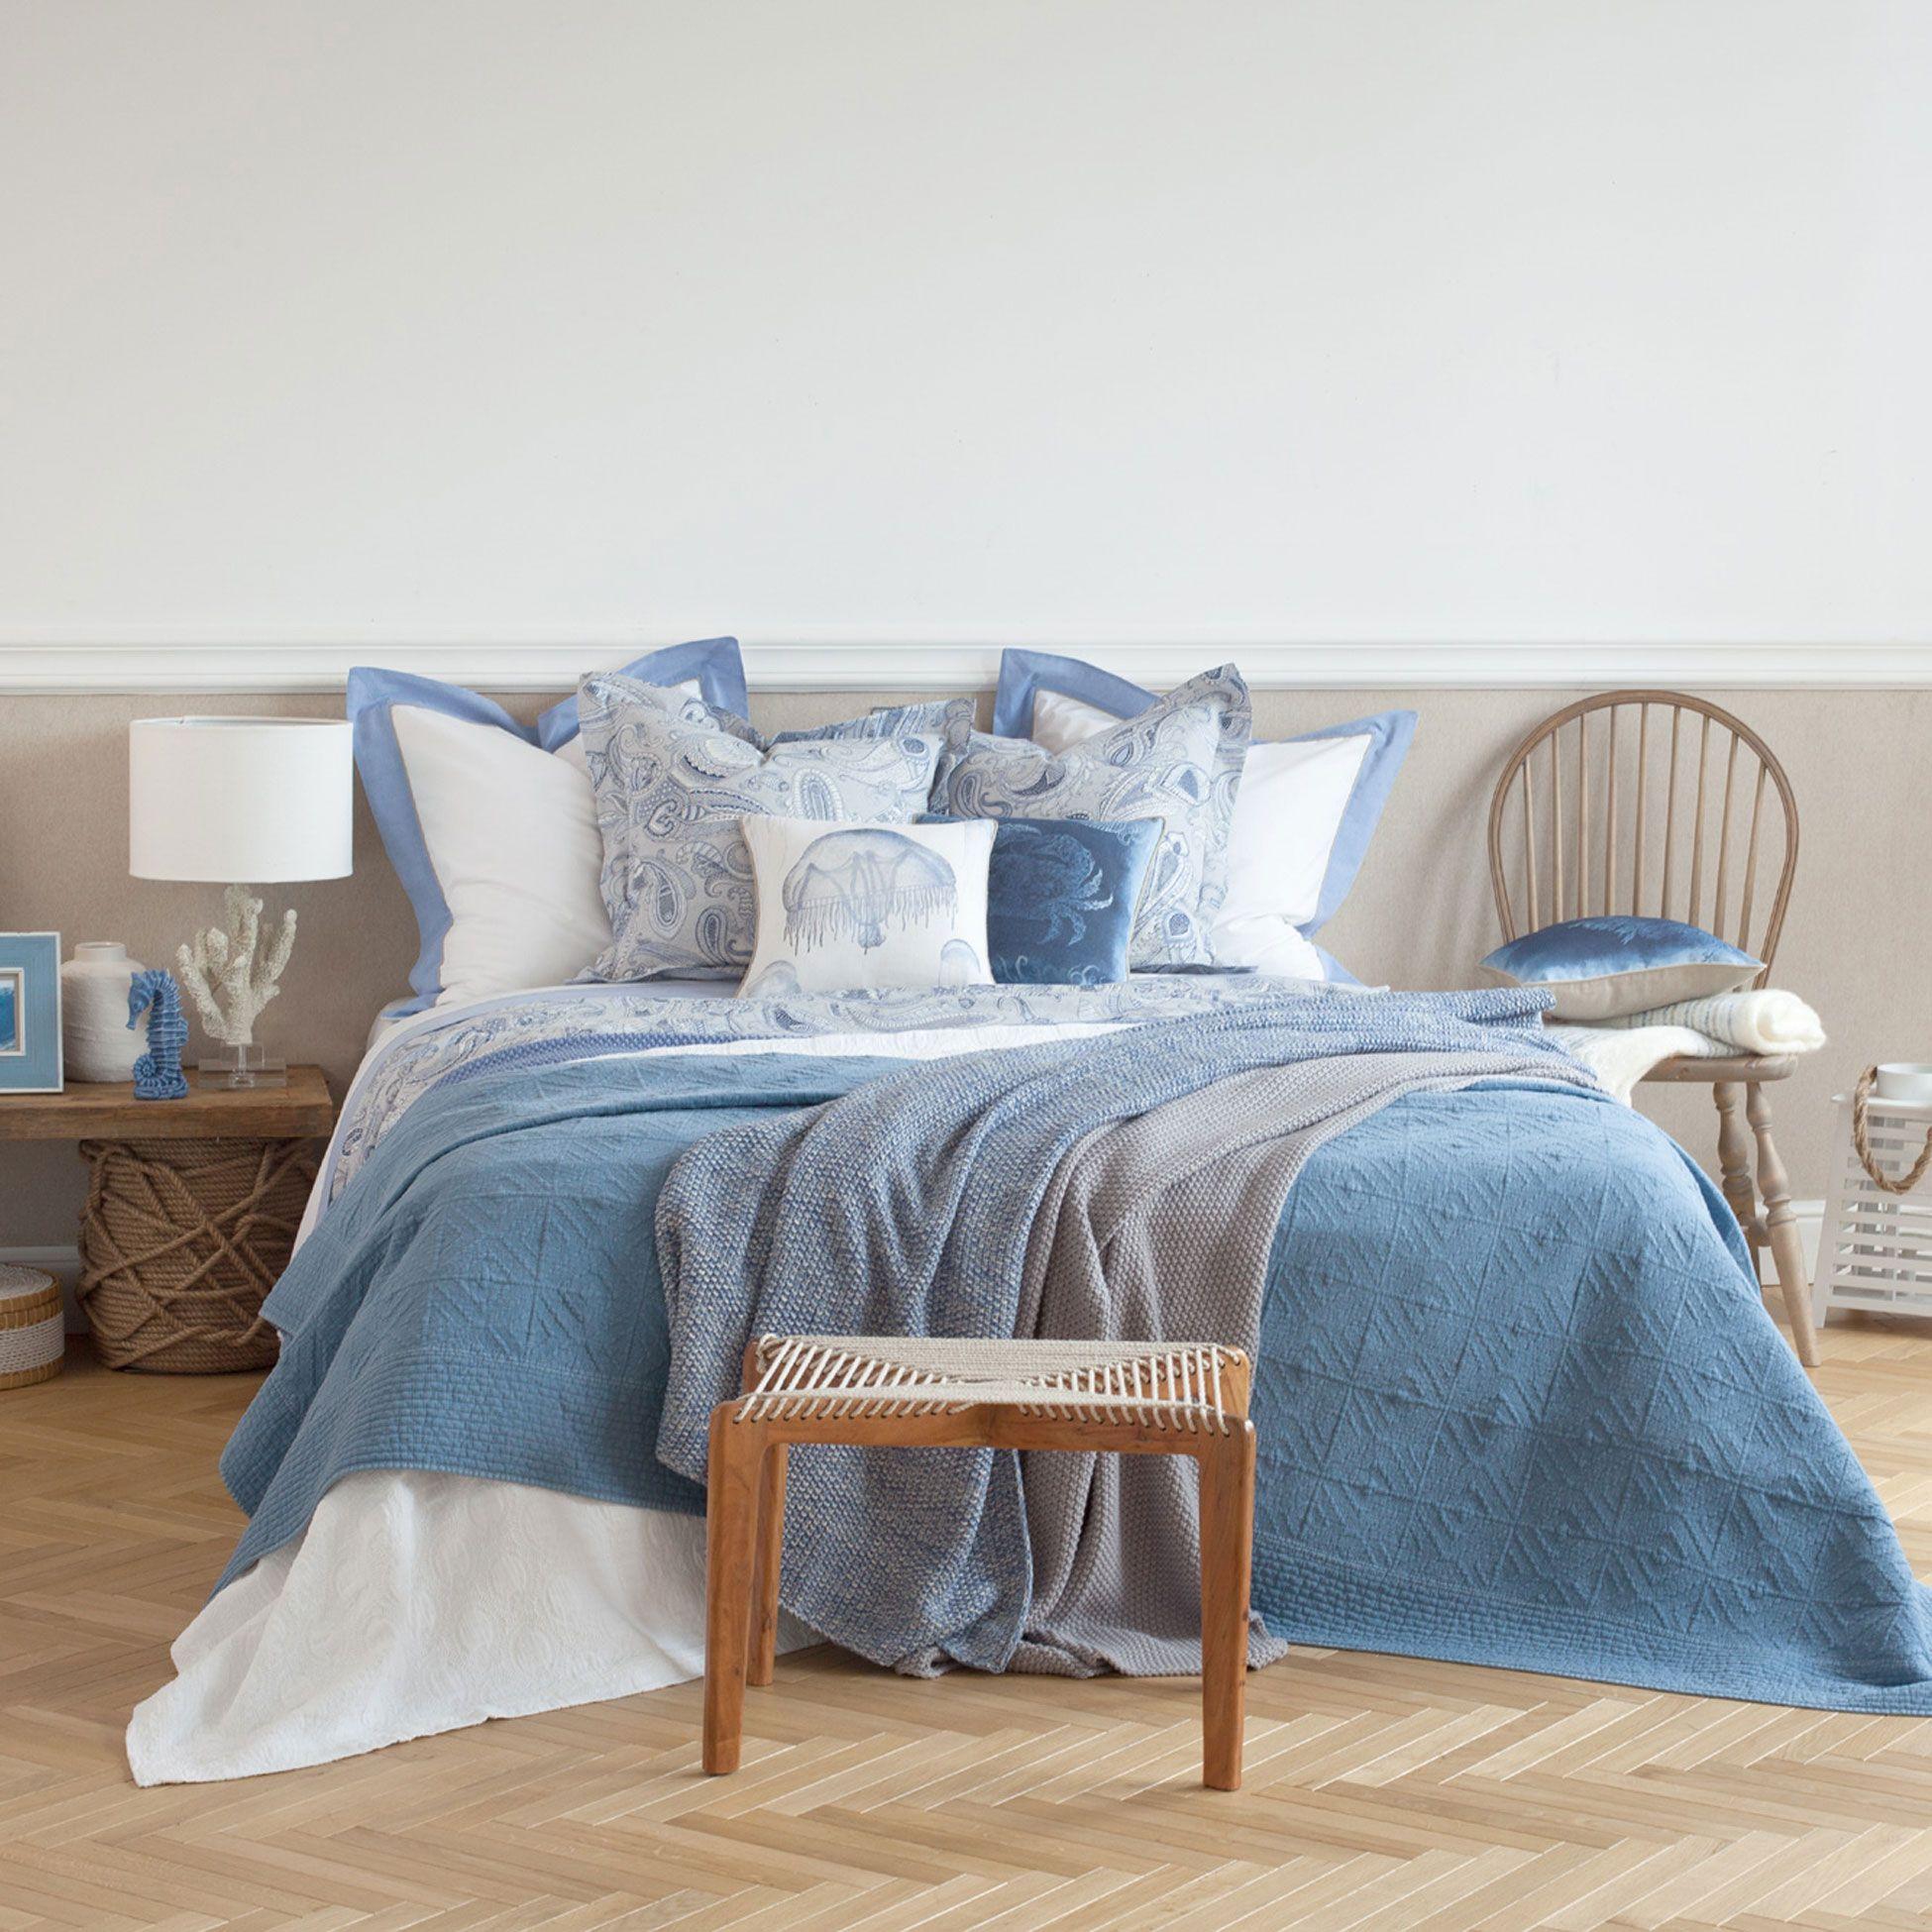 Manta algod o gr ozinhos azul e branco mantas cama for Zara home mantas